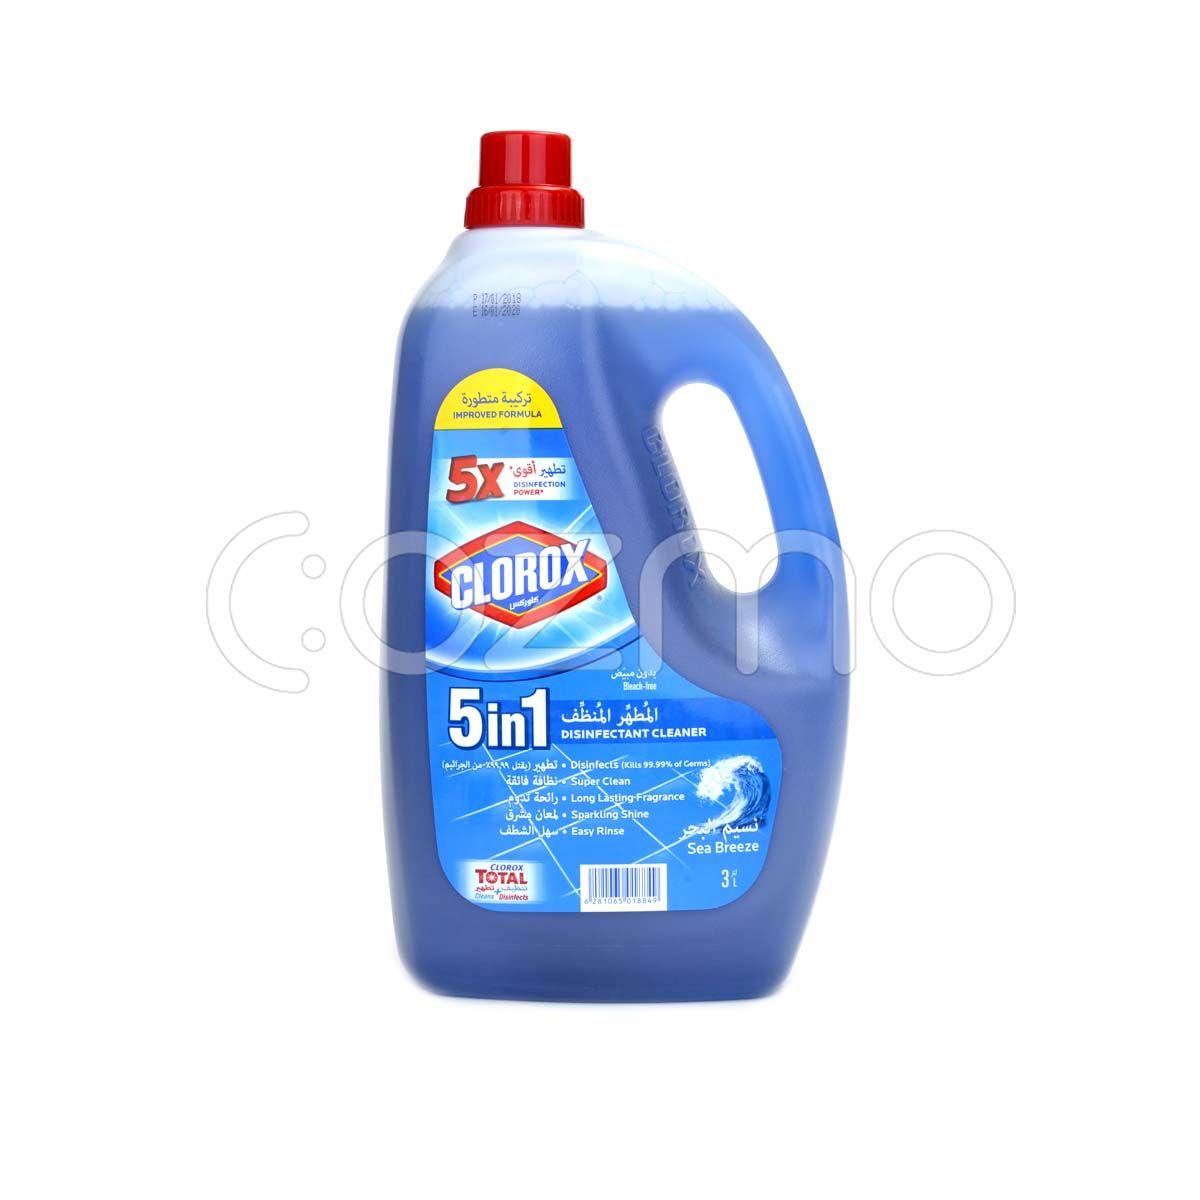 Clorox Liquid Floor Cleaner Disinfectant 5 In 1 Sea Breeze 3 Ltr